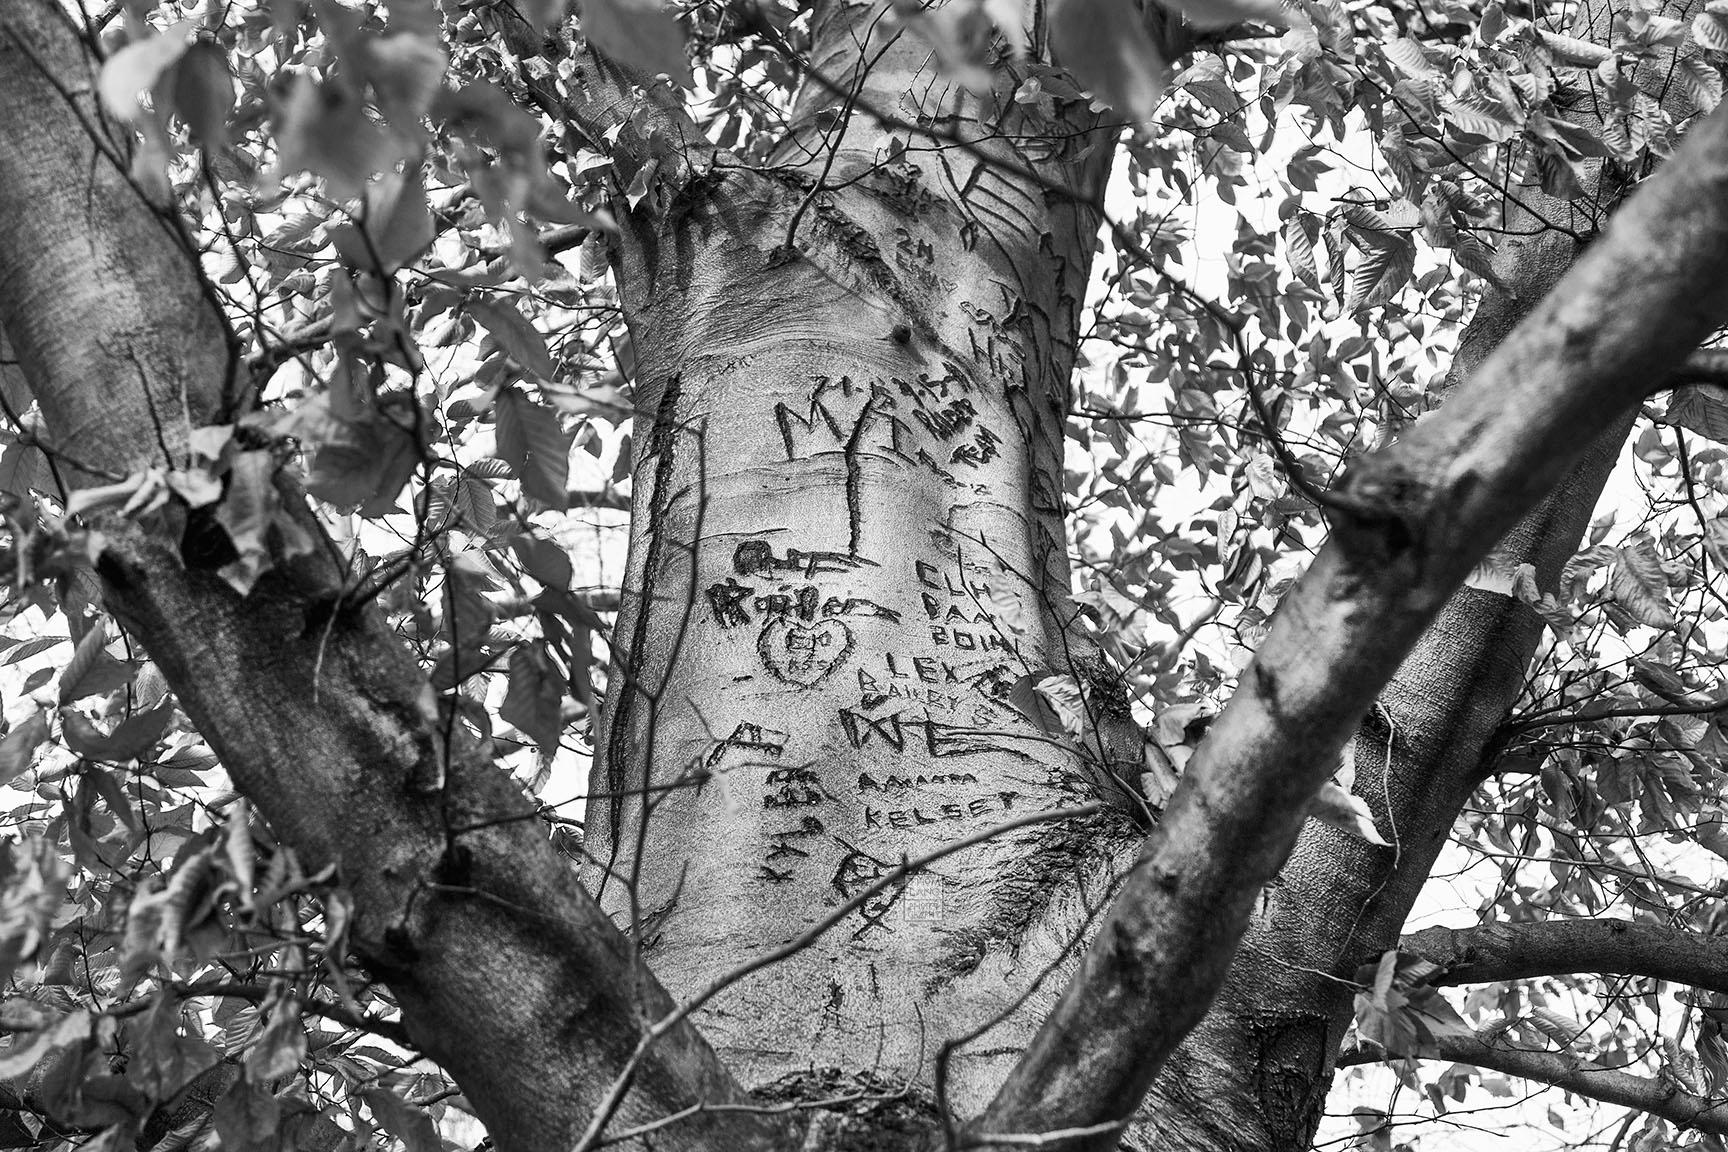 24_Tattoo Tree_6993-BLOG